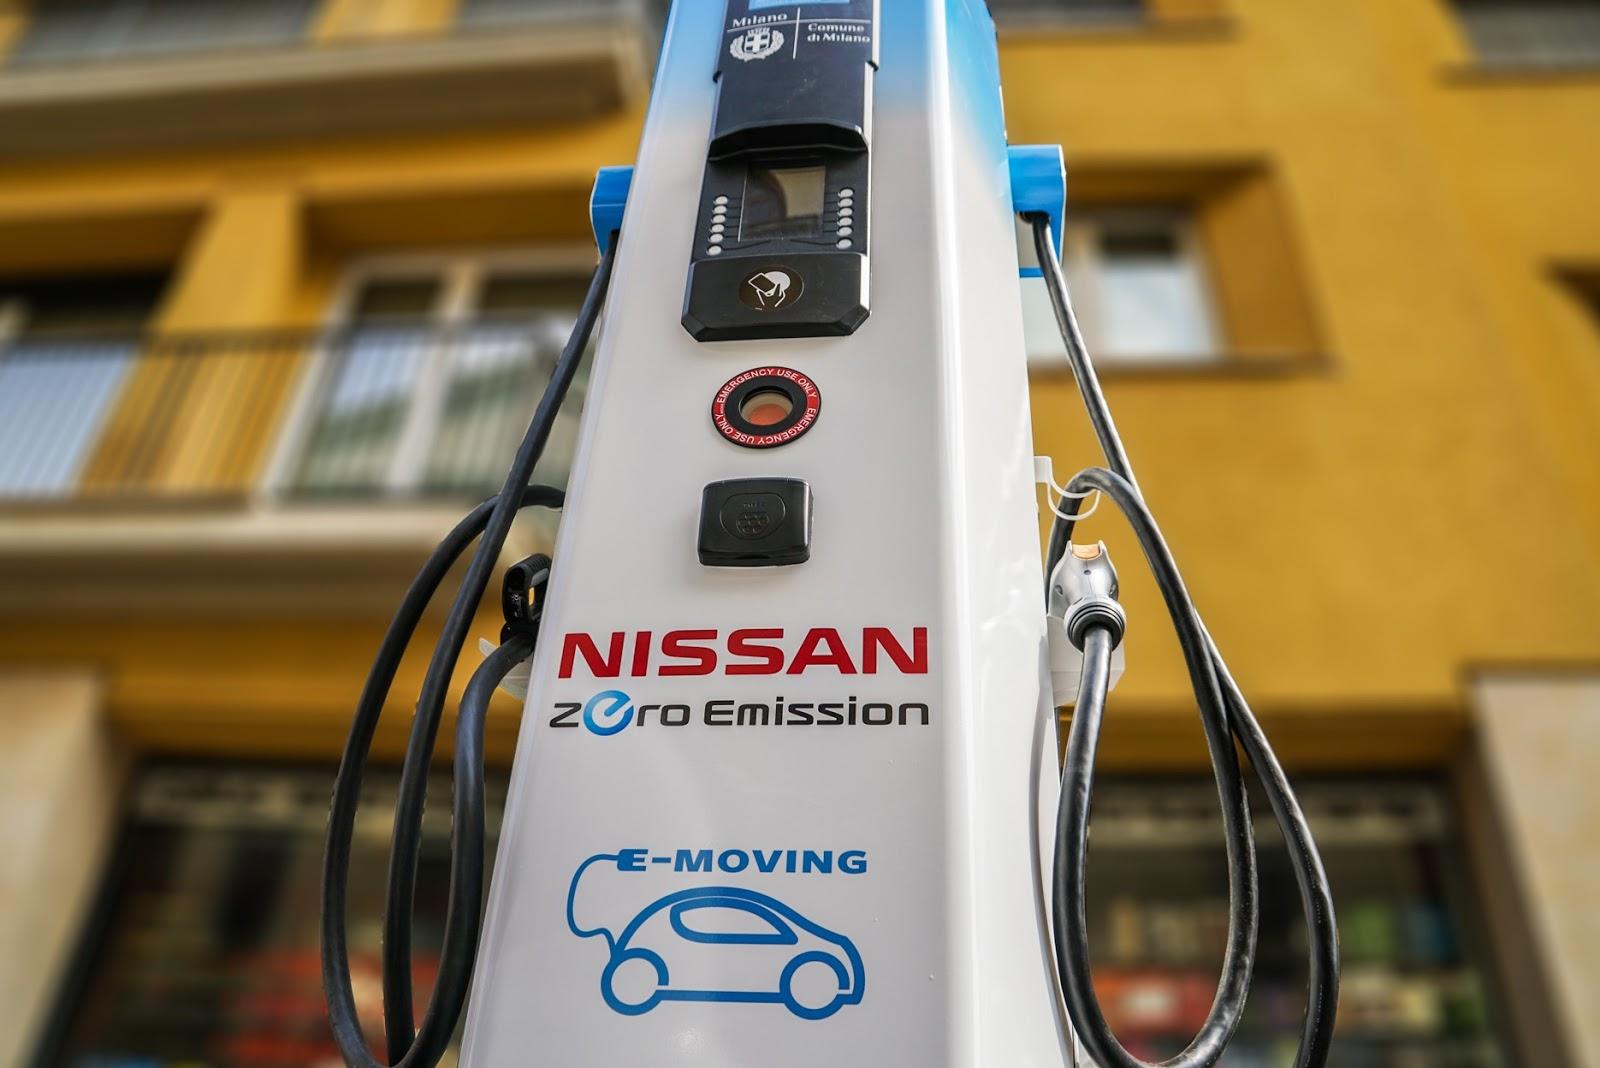 145631 5 8 Τα ηλεκτρικά οχήματα της Nissan, στον τελικό του UEFA Champions League στο Μιλάνο Nissan, Nissan LEAF, UEFA Champions League